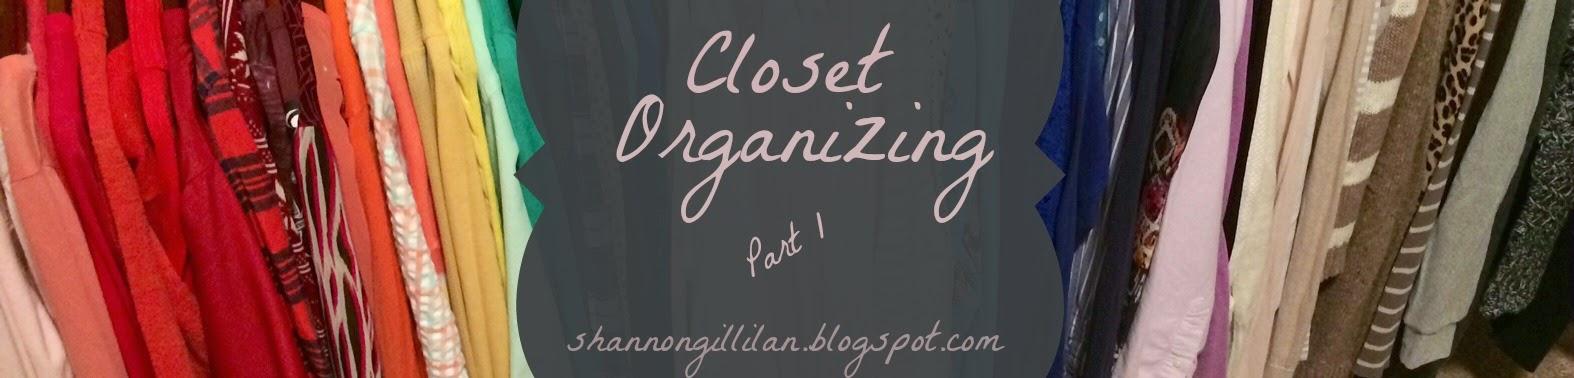 Closet Organizing www.shannongillilan.blogspot.com